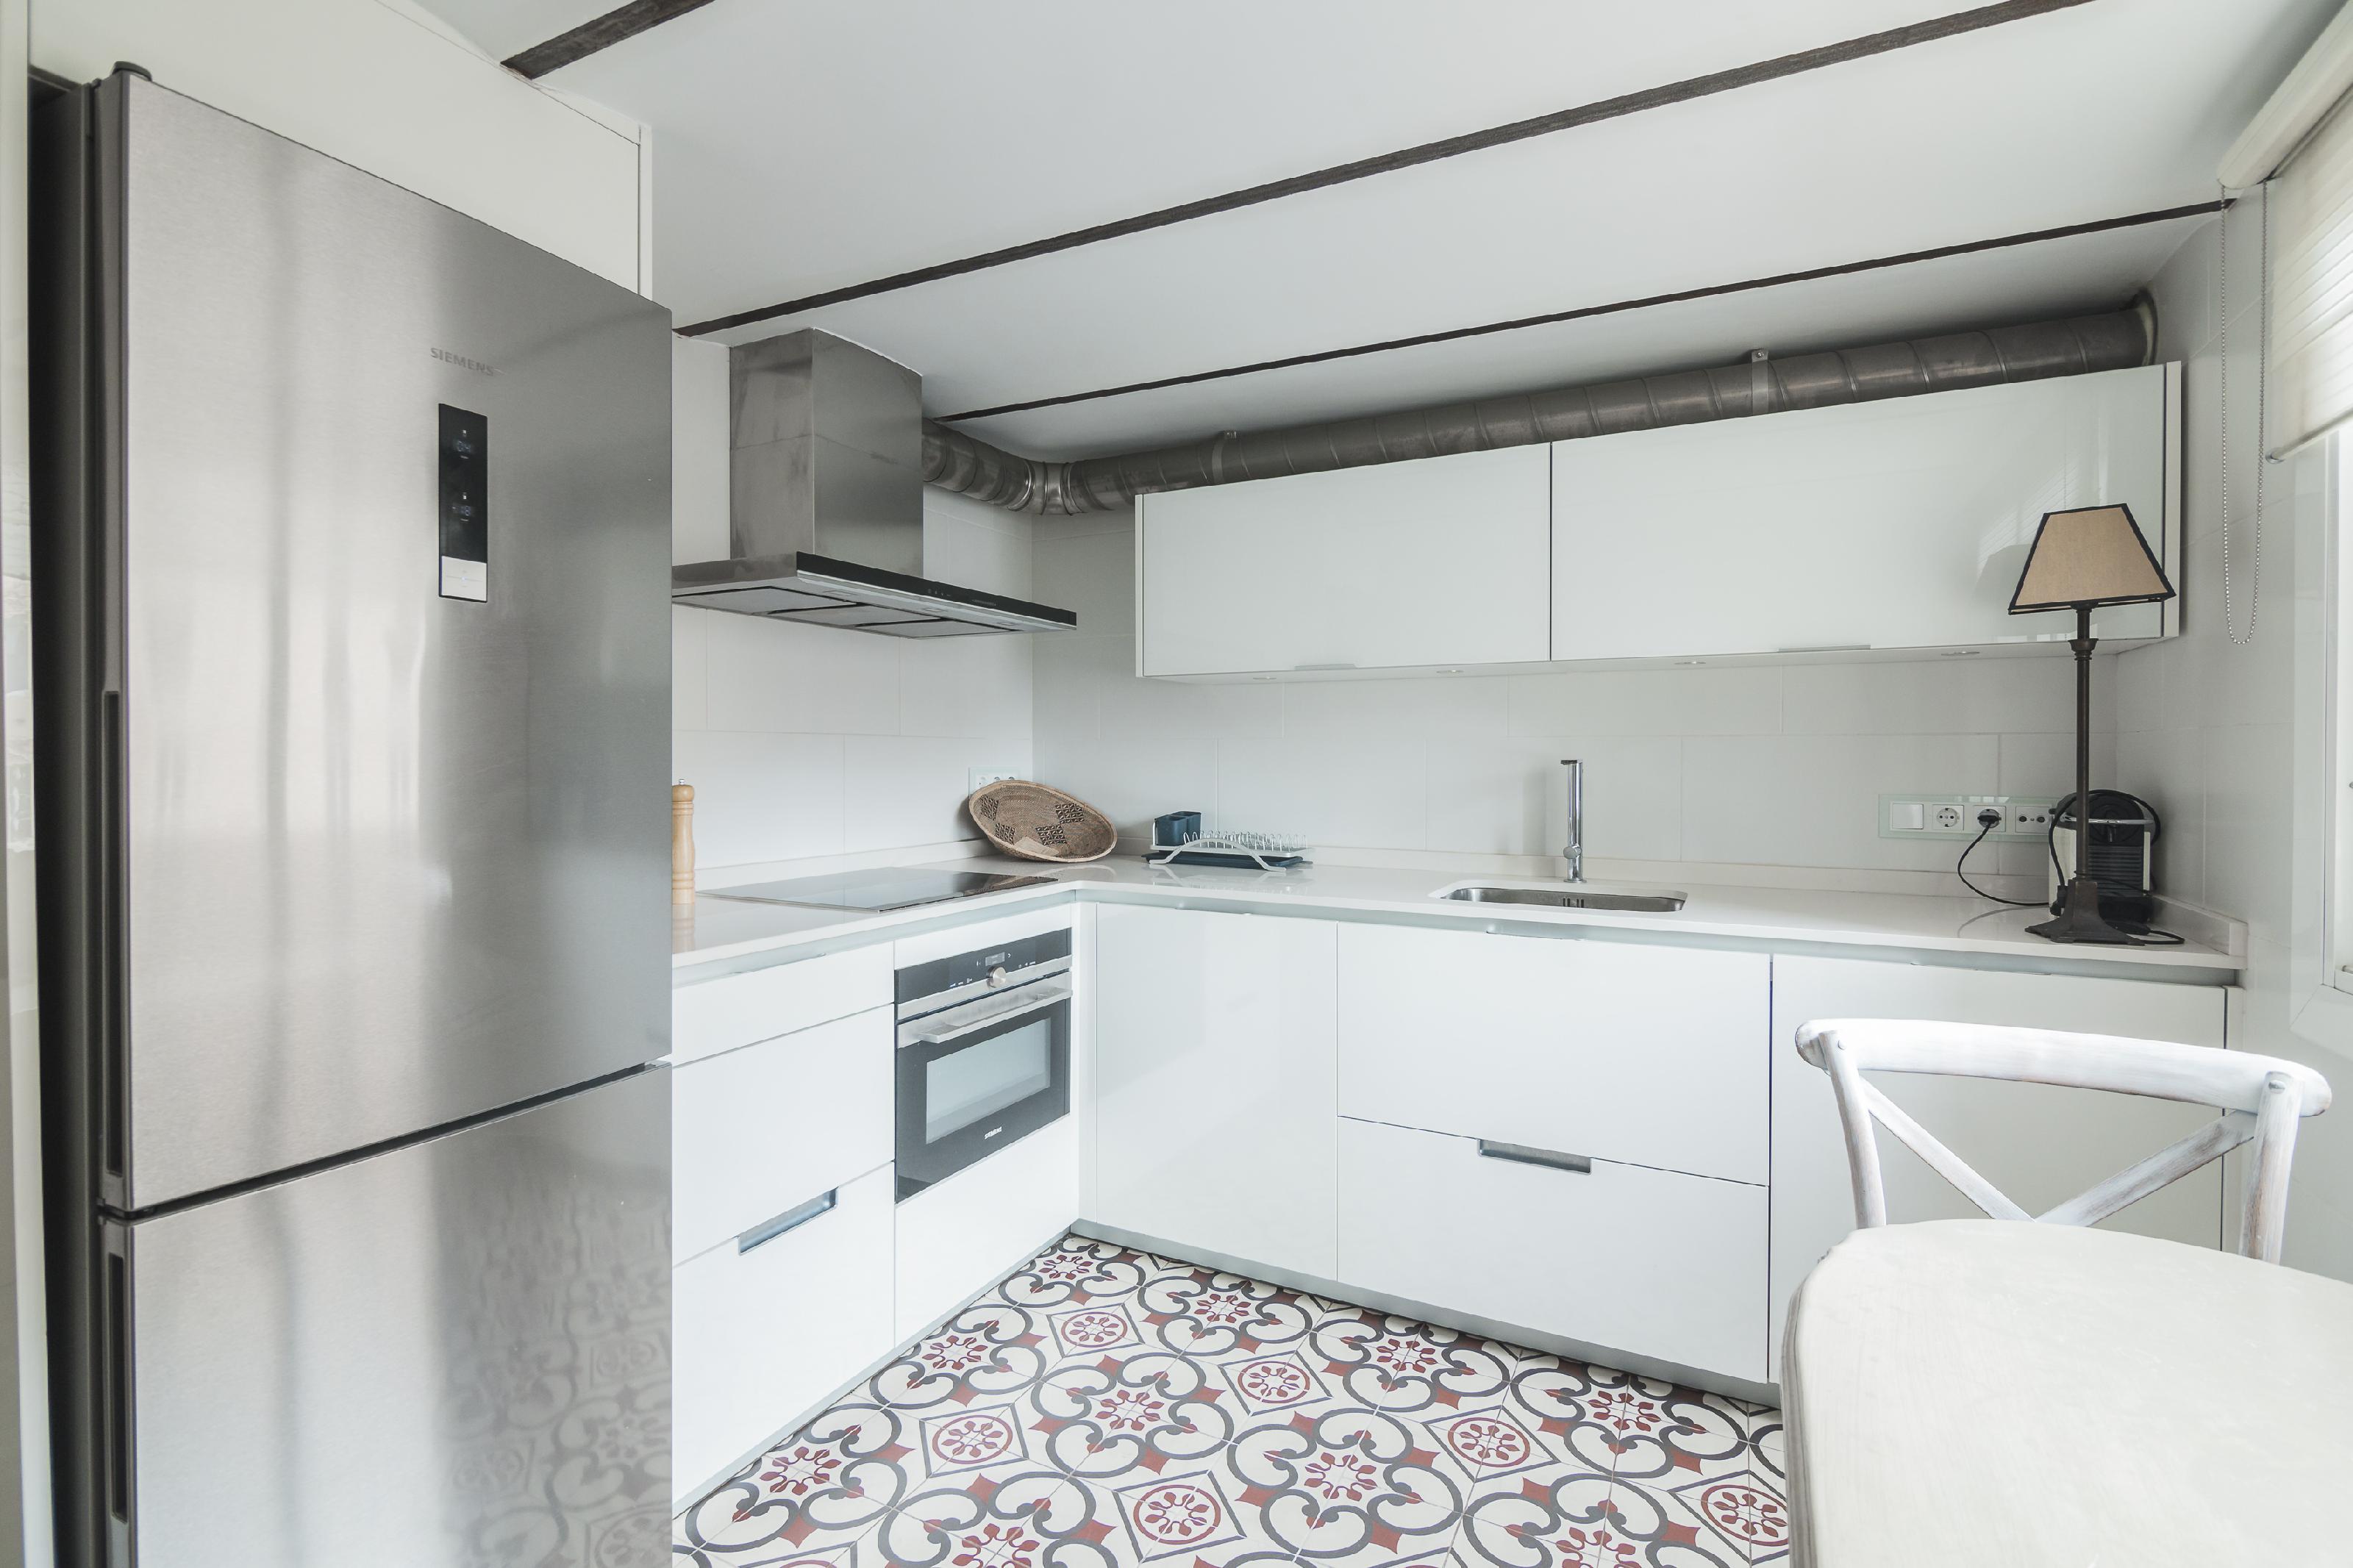 248206 Flat for sale in Gràcia, Vila de Gràcia 11